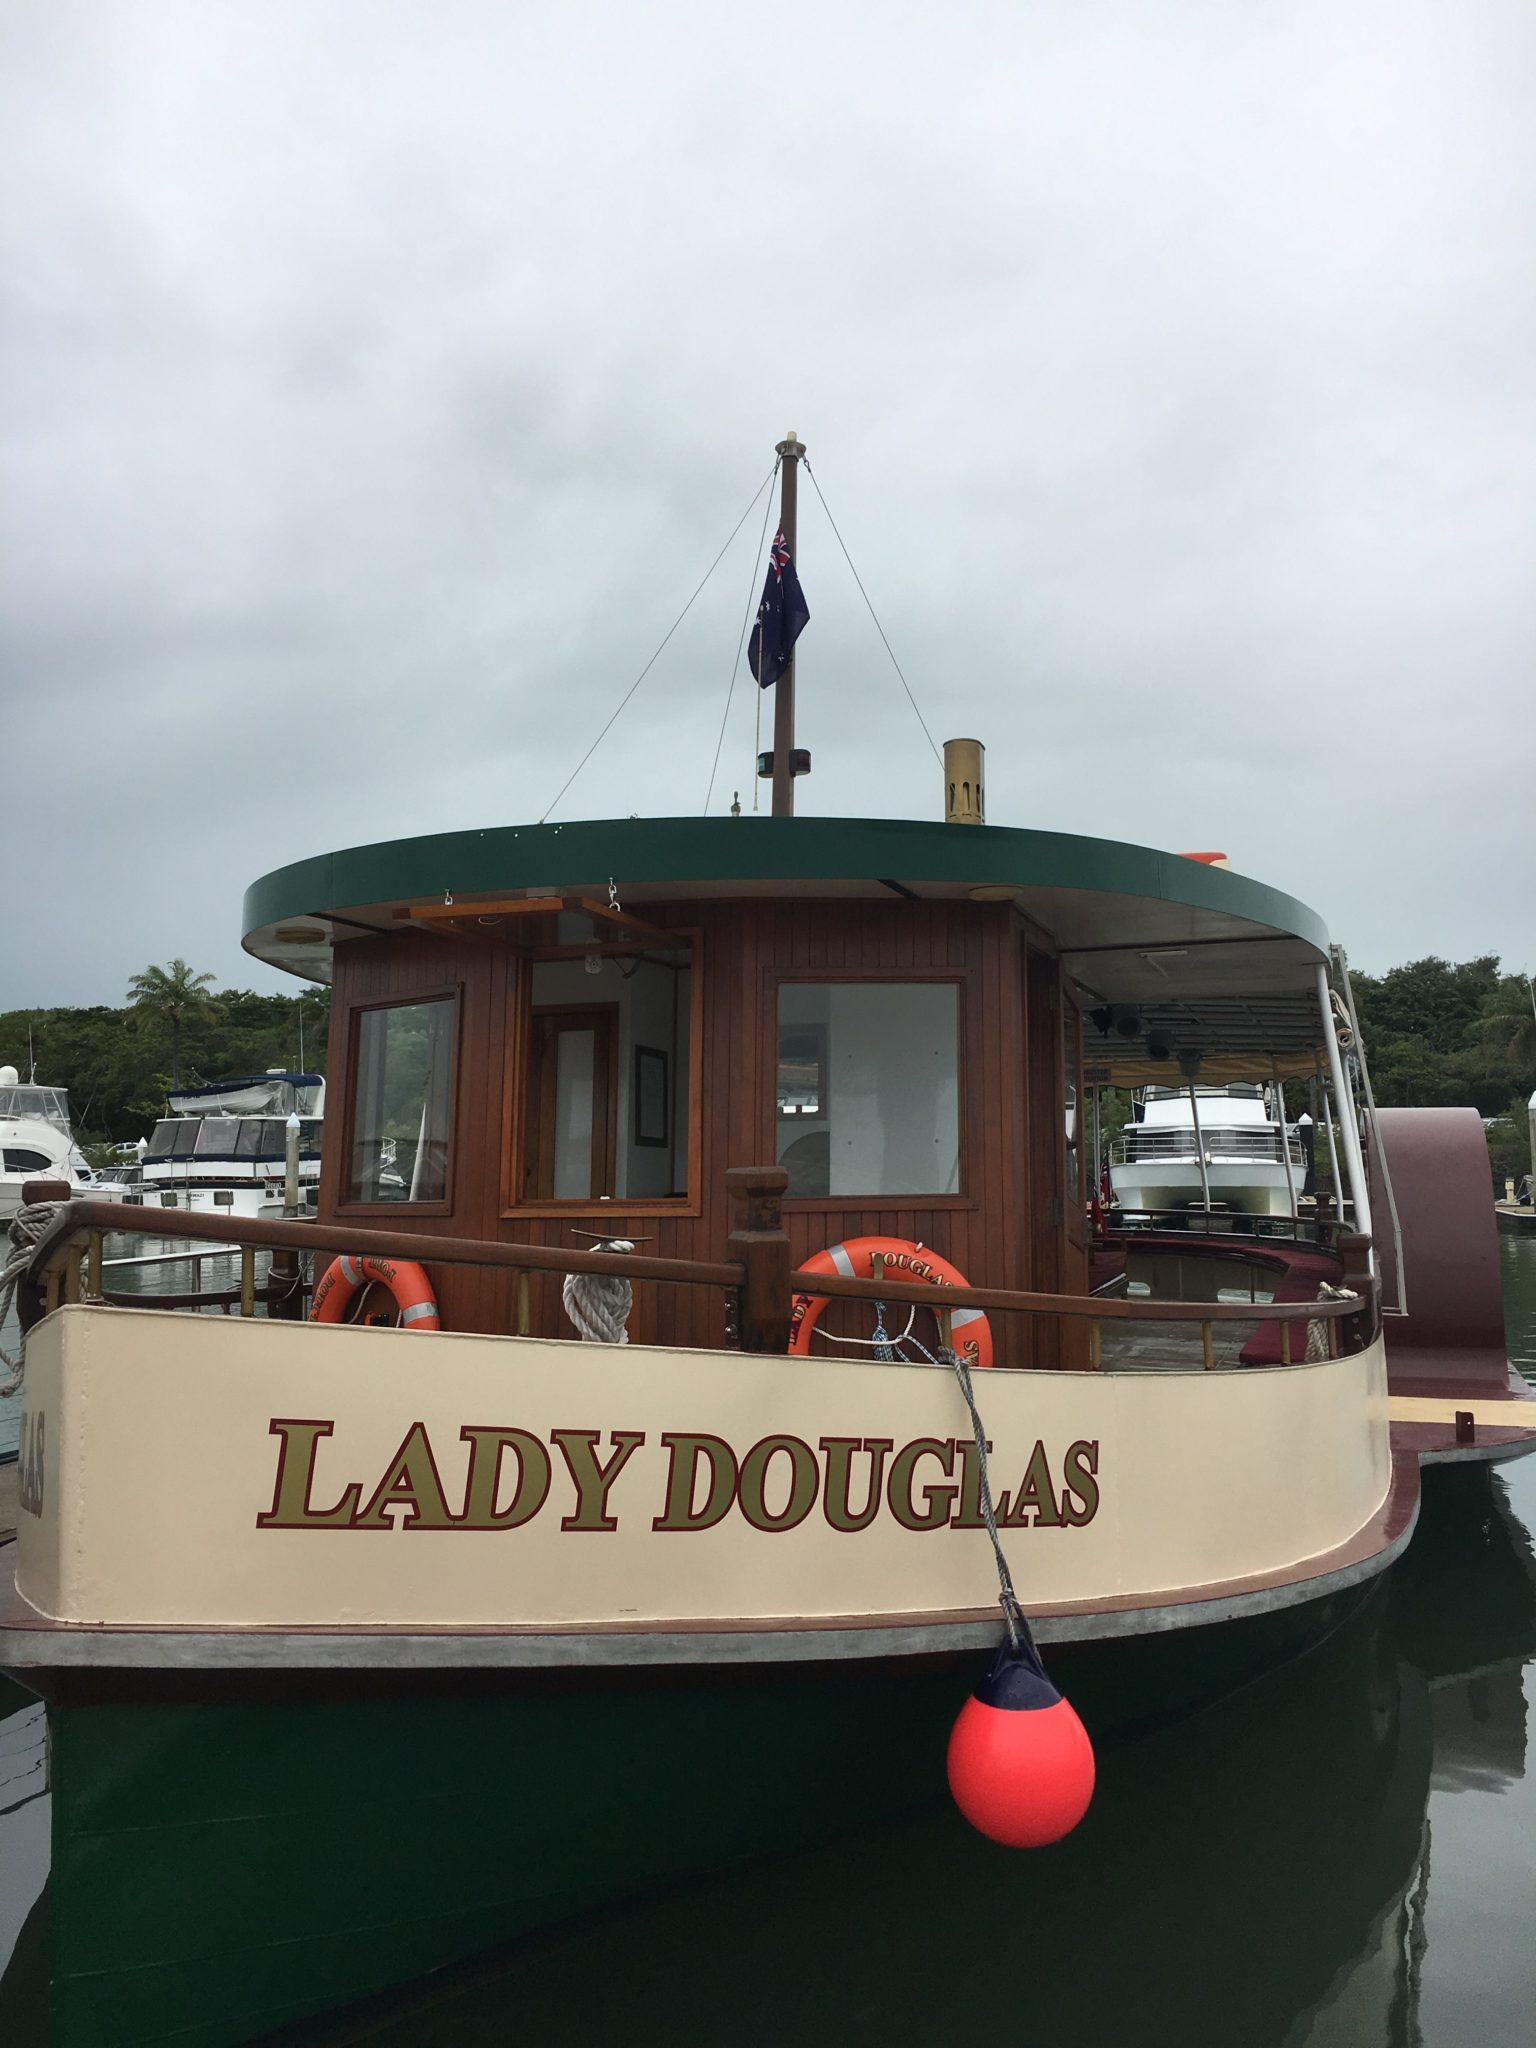 Lady Douglas boat trip